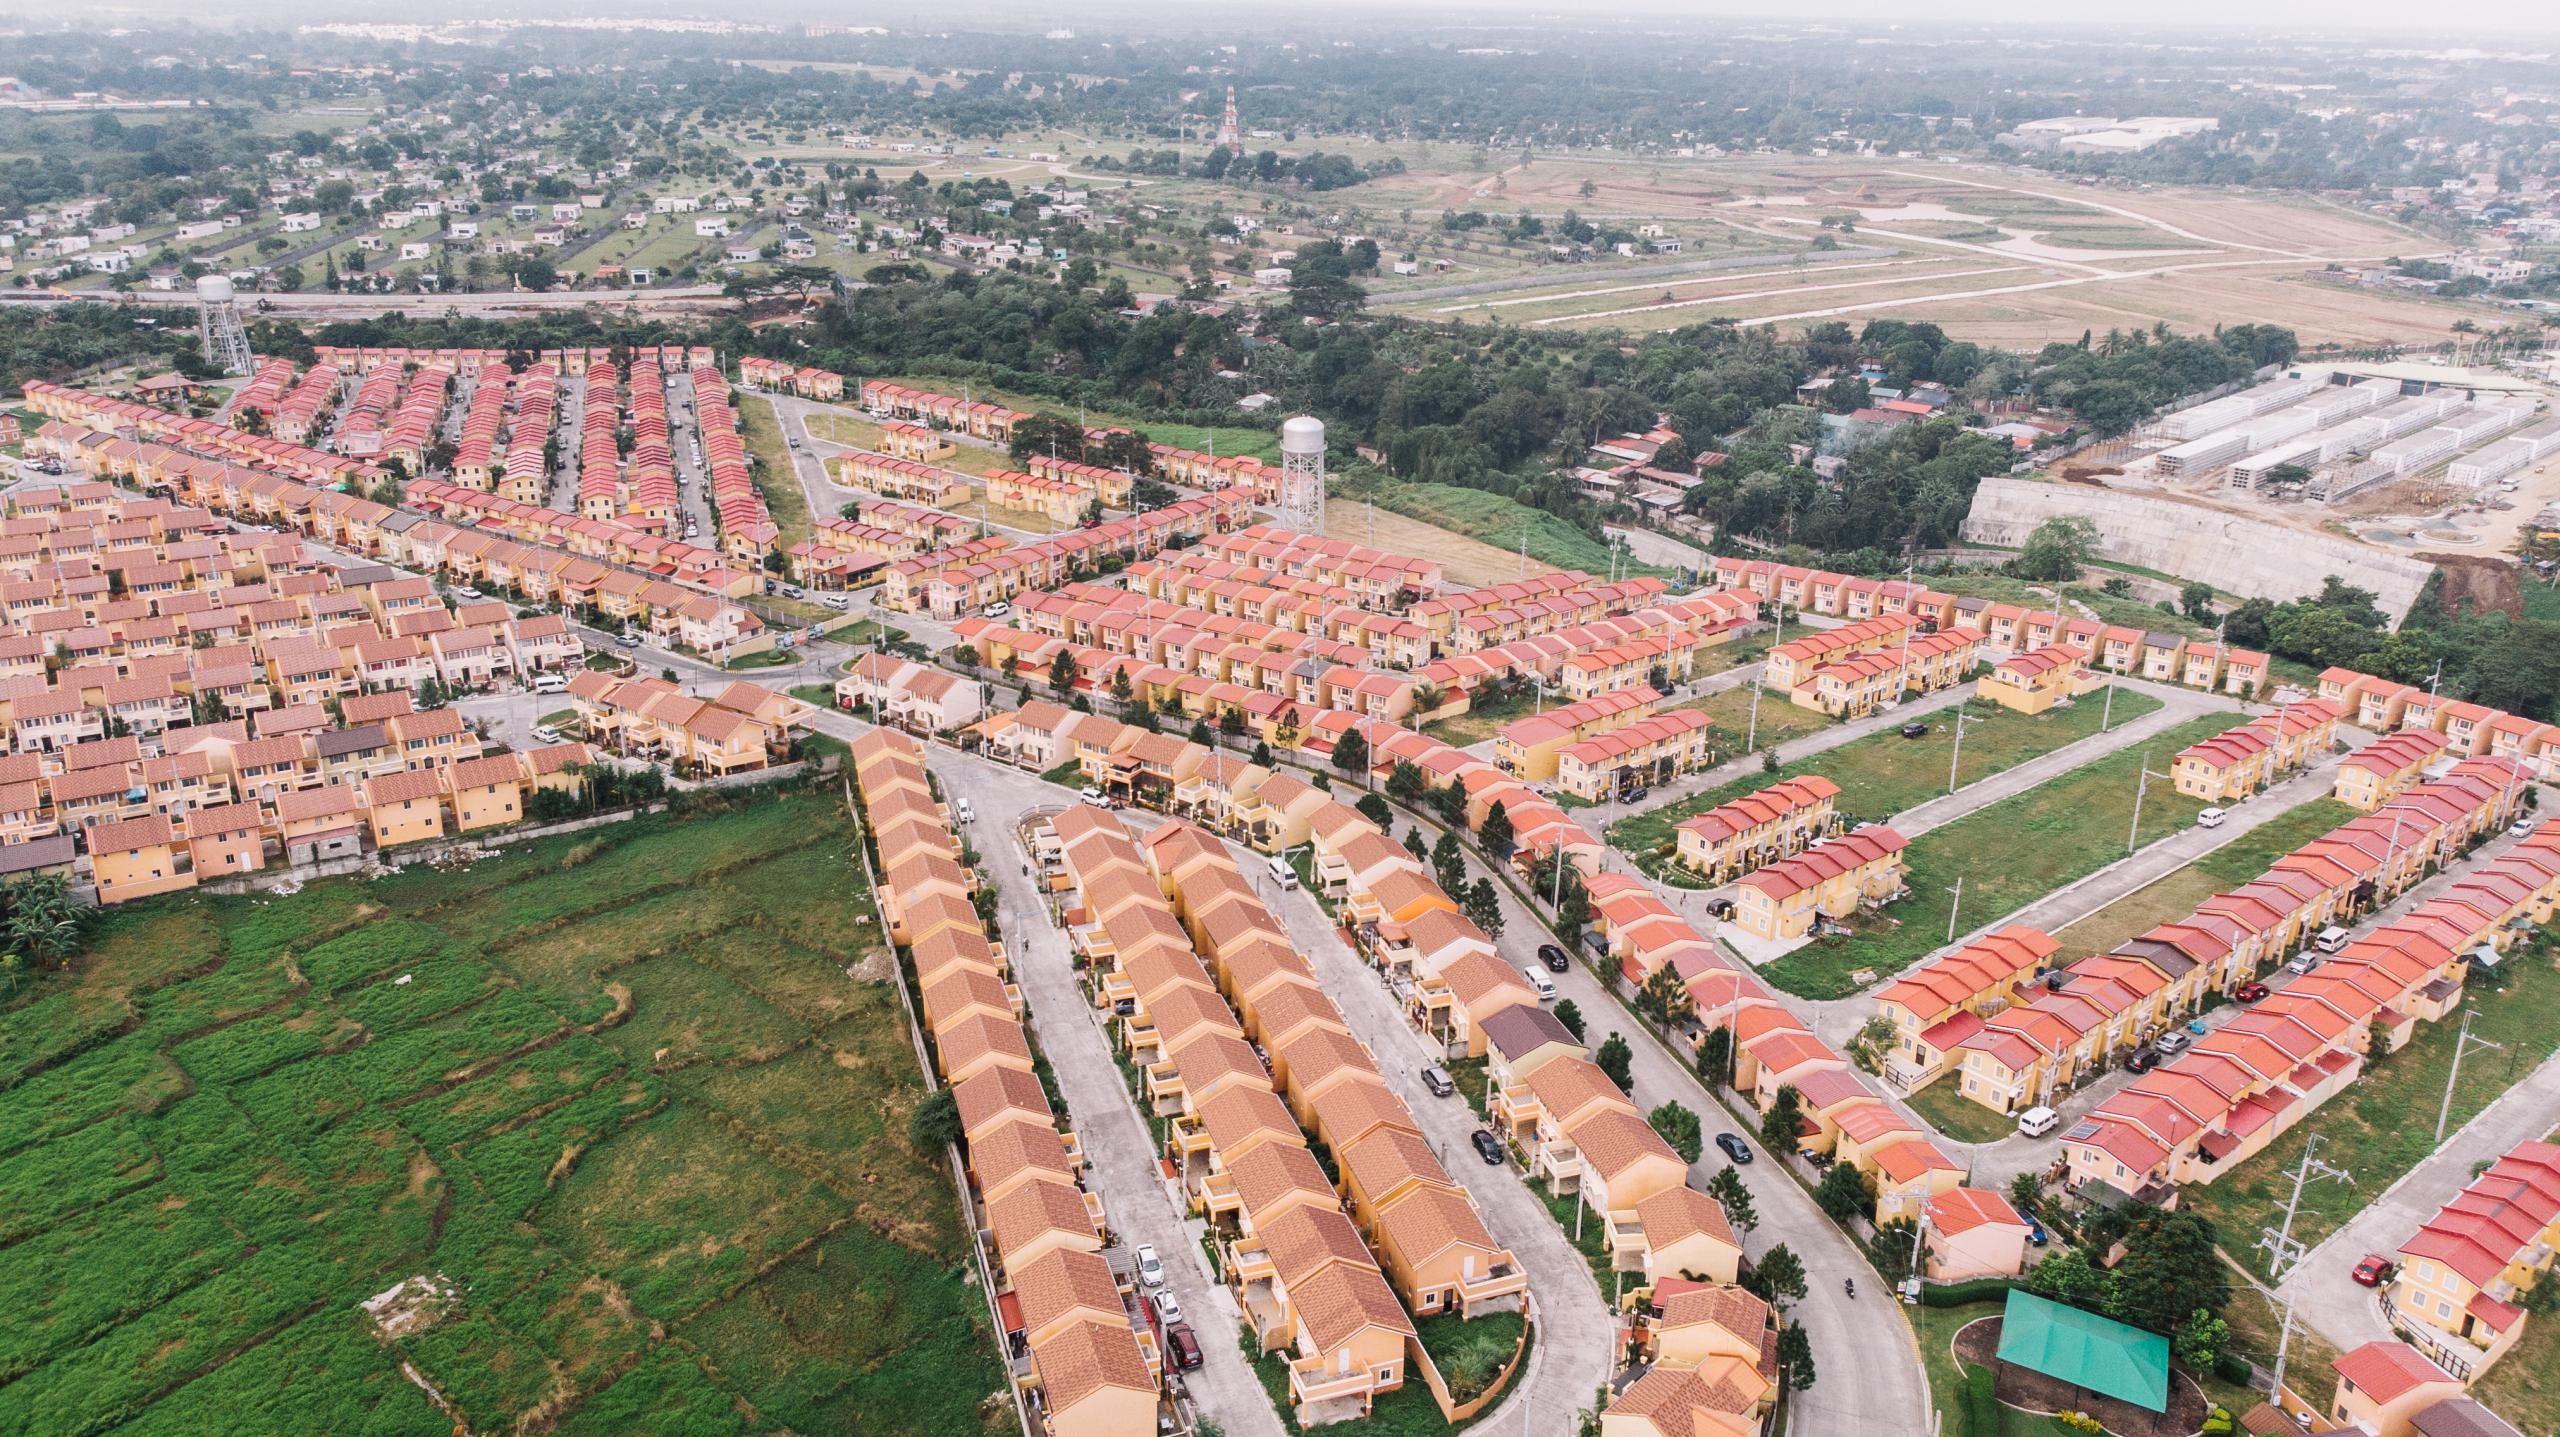 Camella Alfonso community